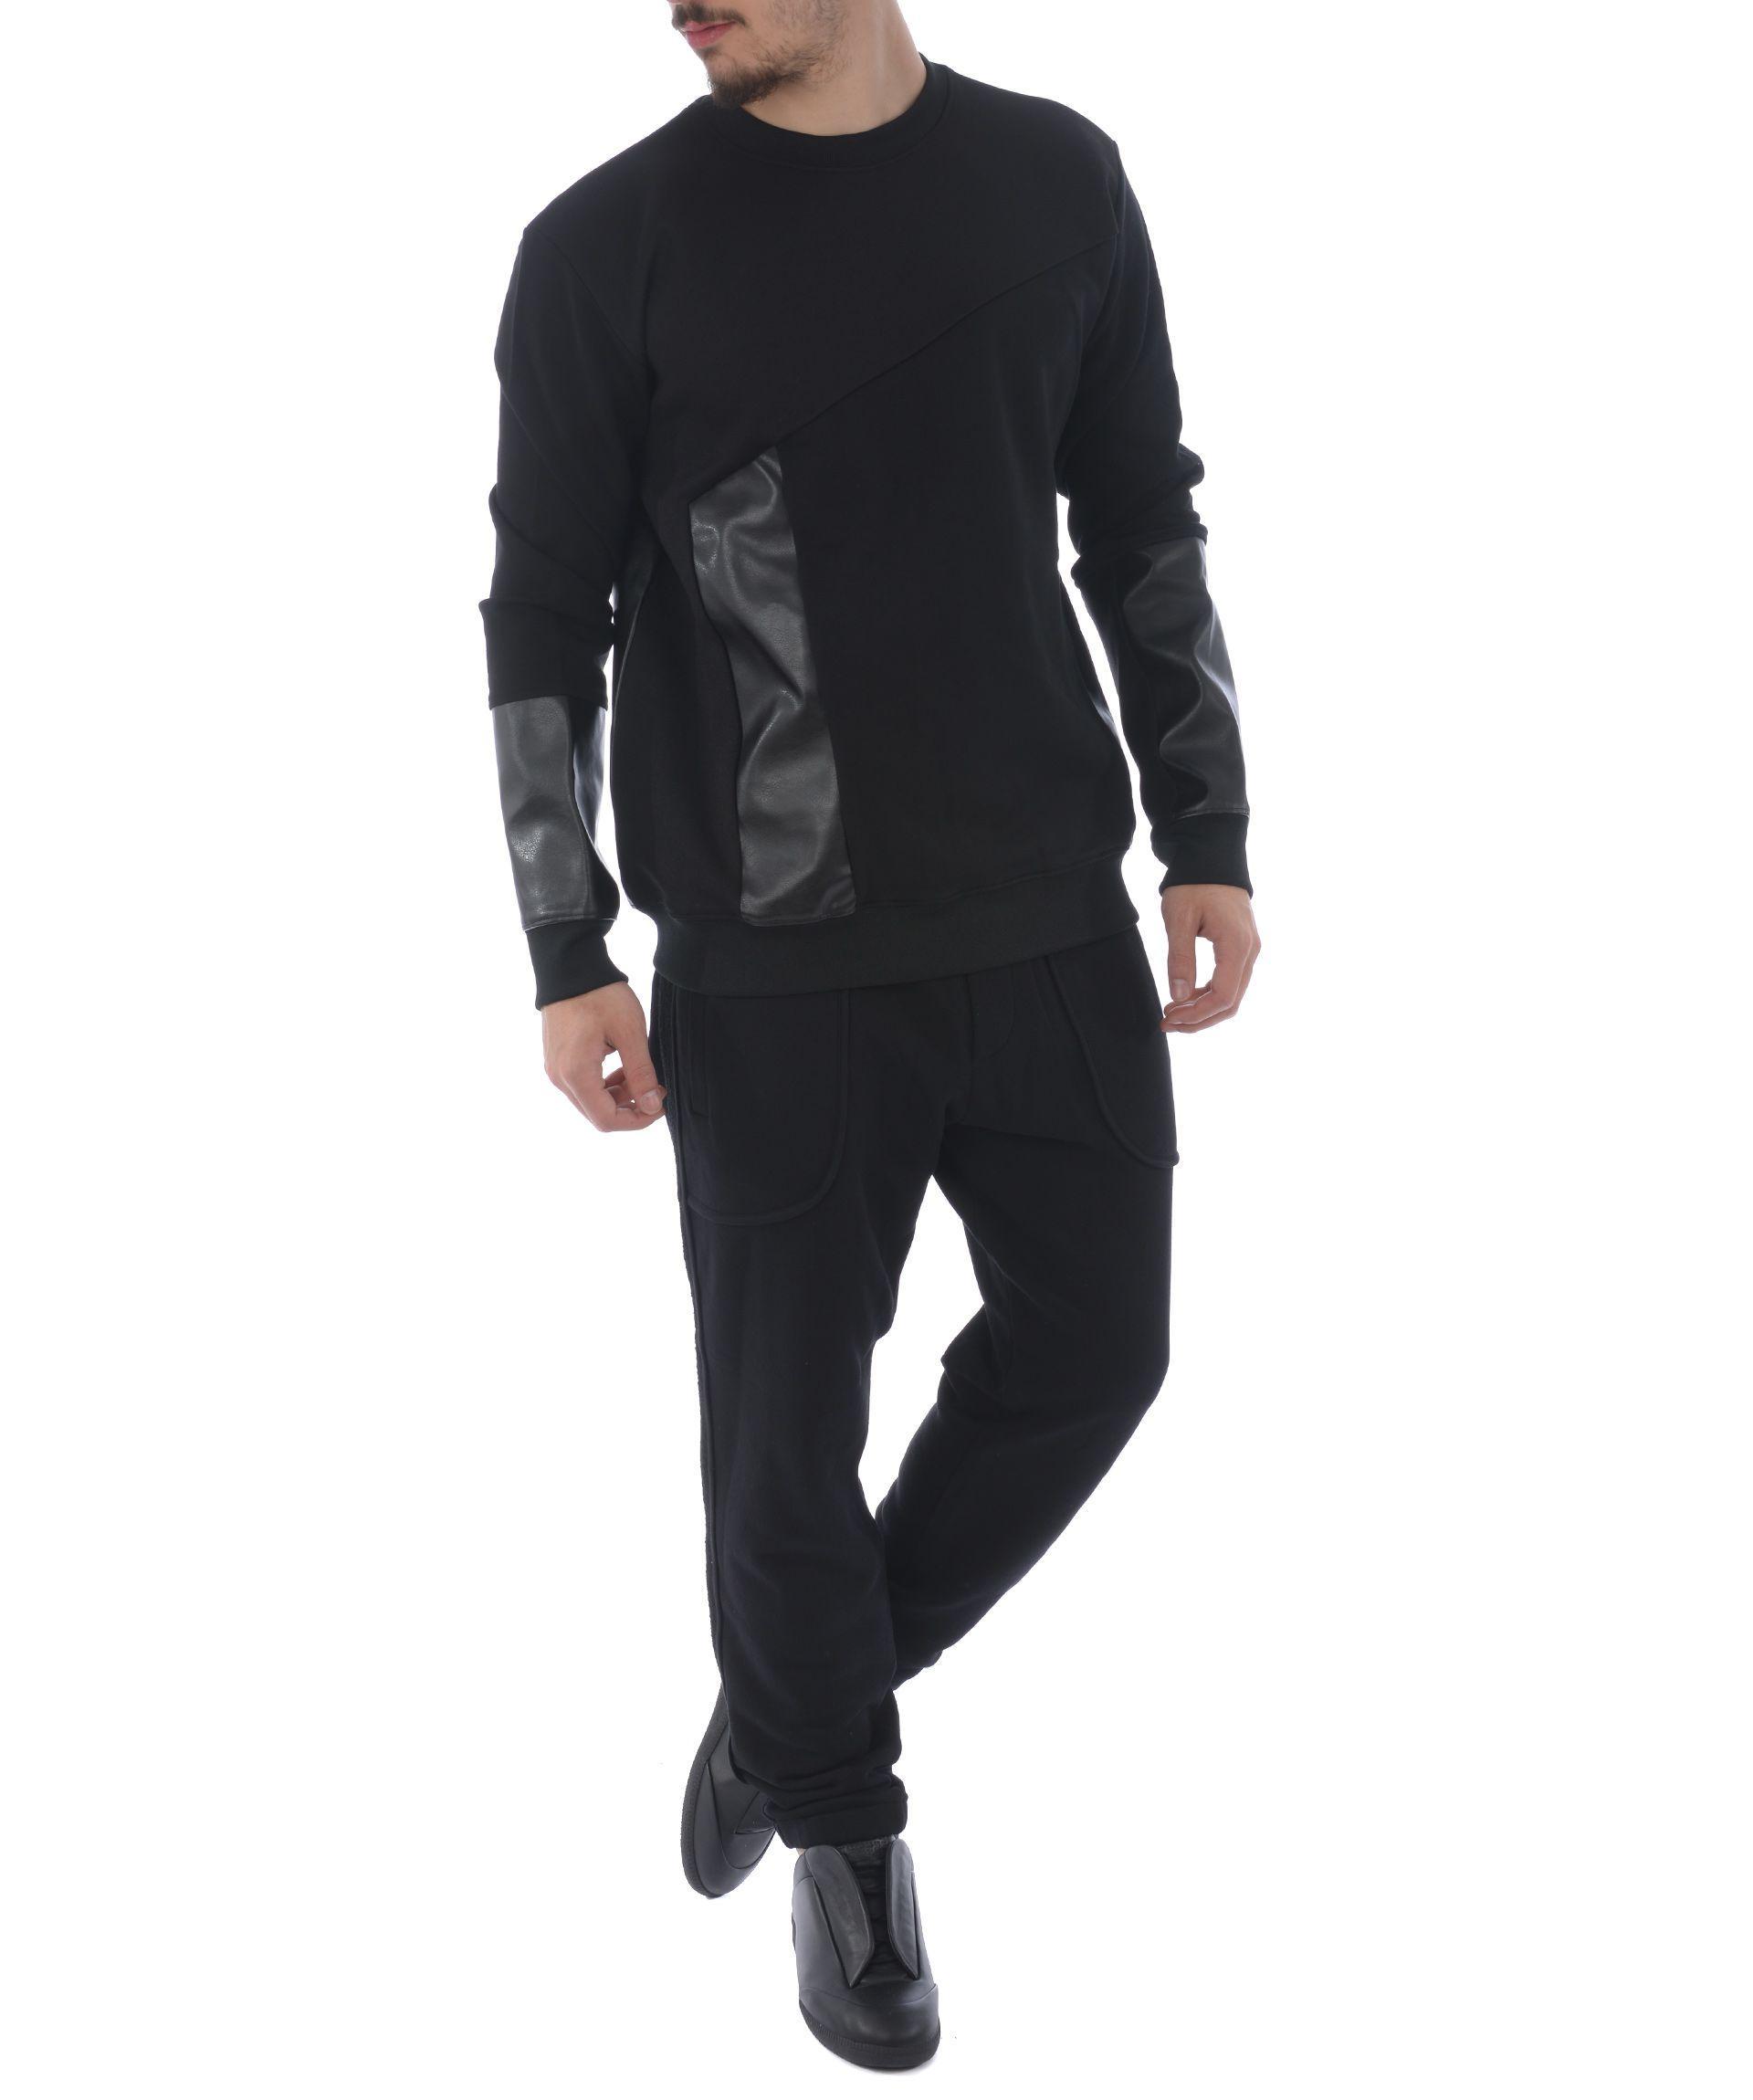 Mcq By Alexander Mcqueen Mcq Alexander Mcqueen Recycled Sweatshirt In Nero